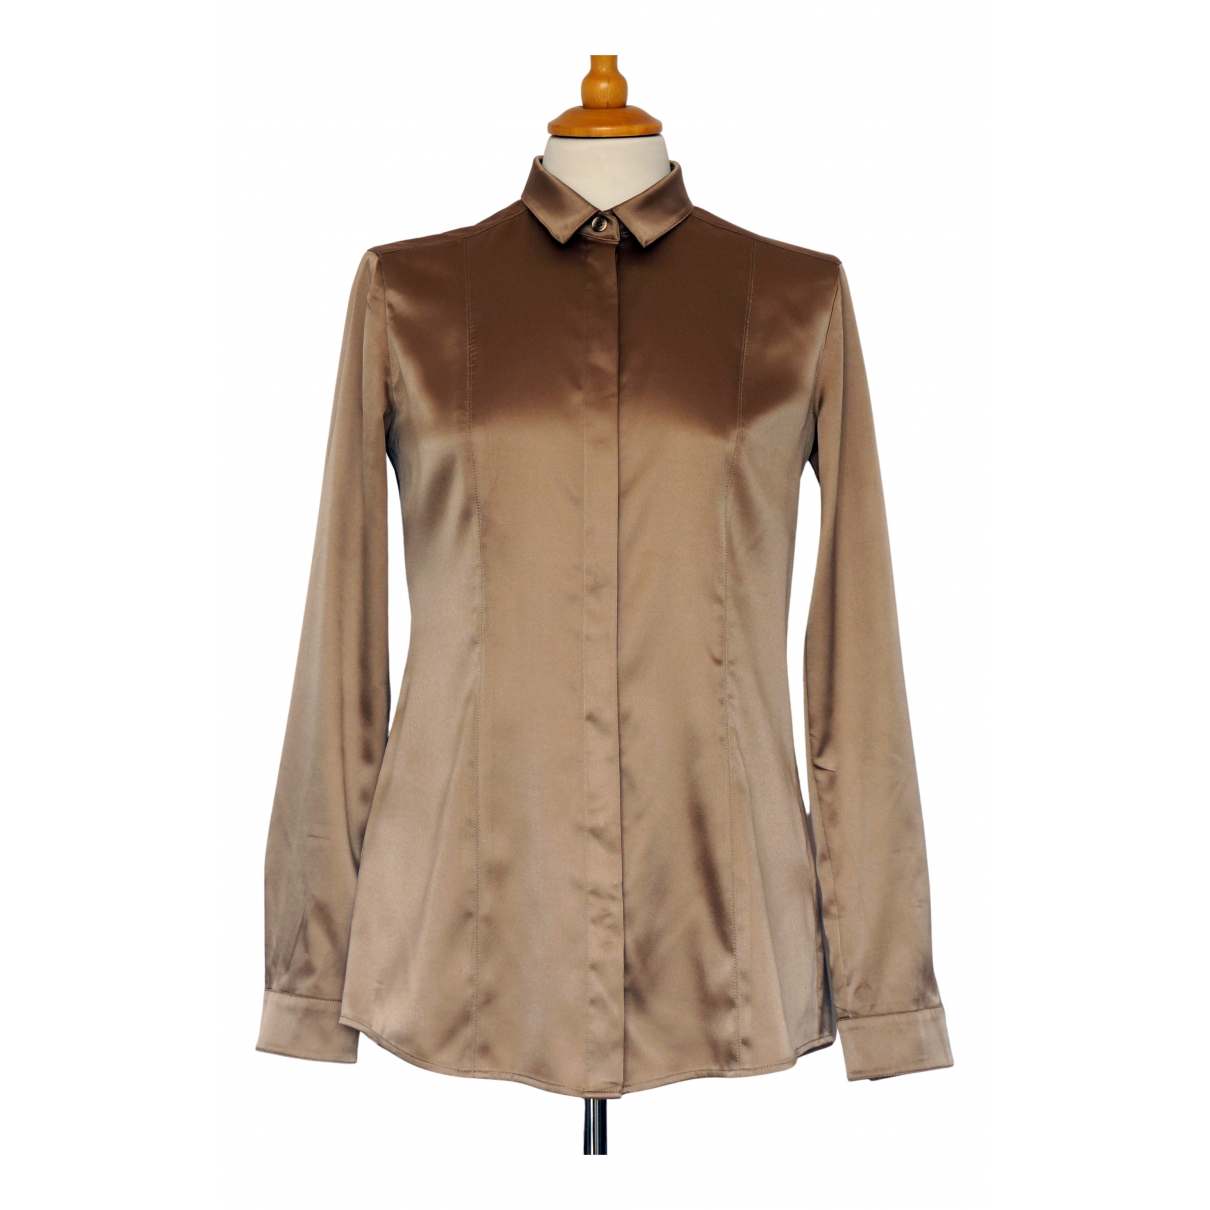 Burberry - Top   pour femme - beige